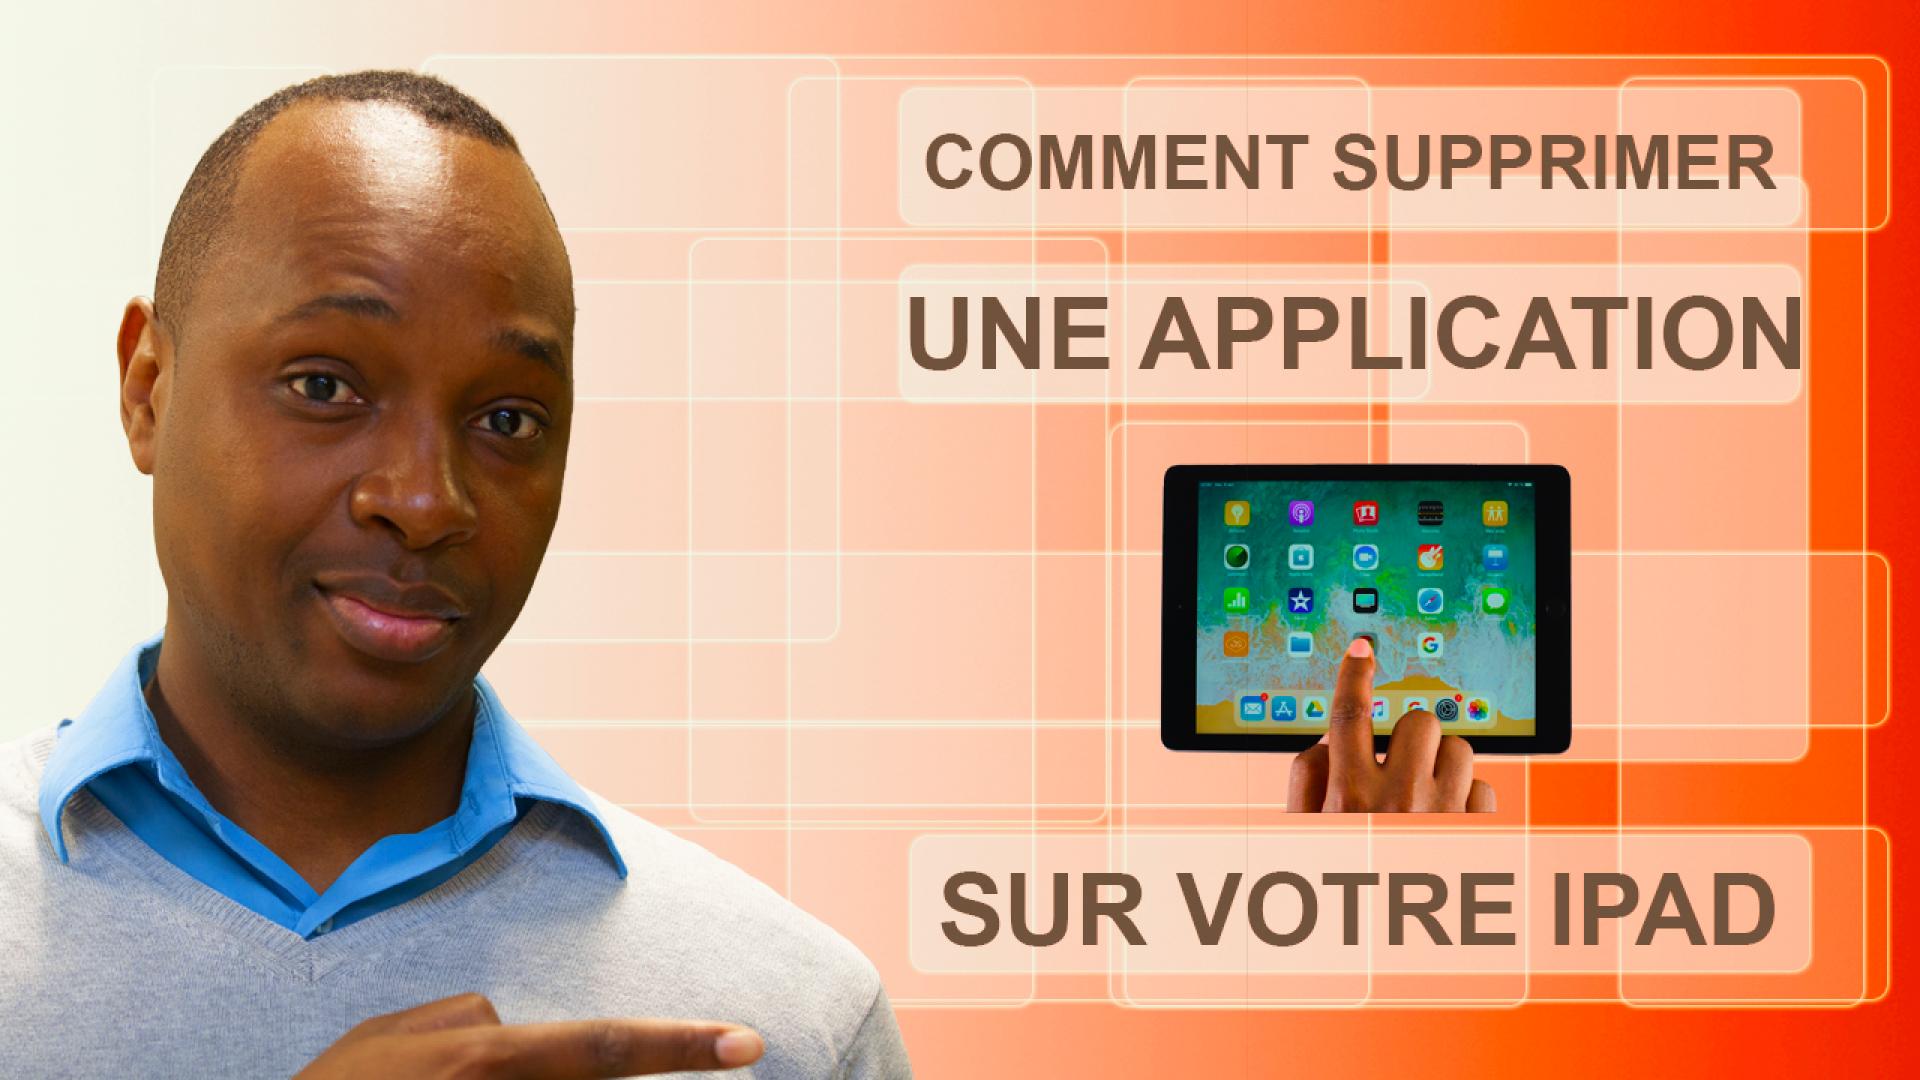 Comment supprimer une application sur votre iPad